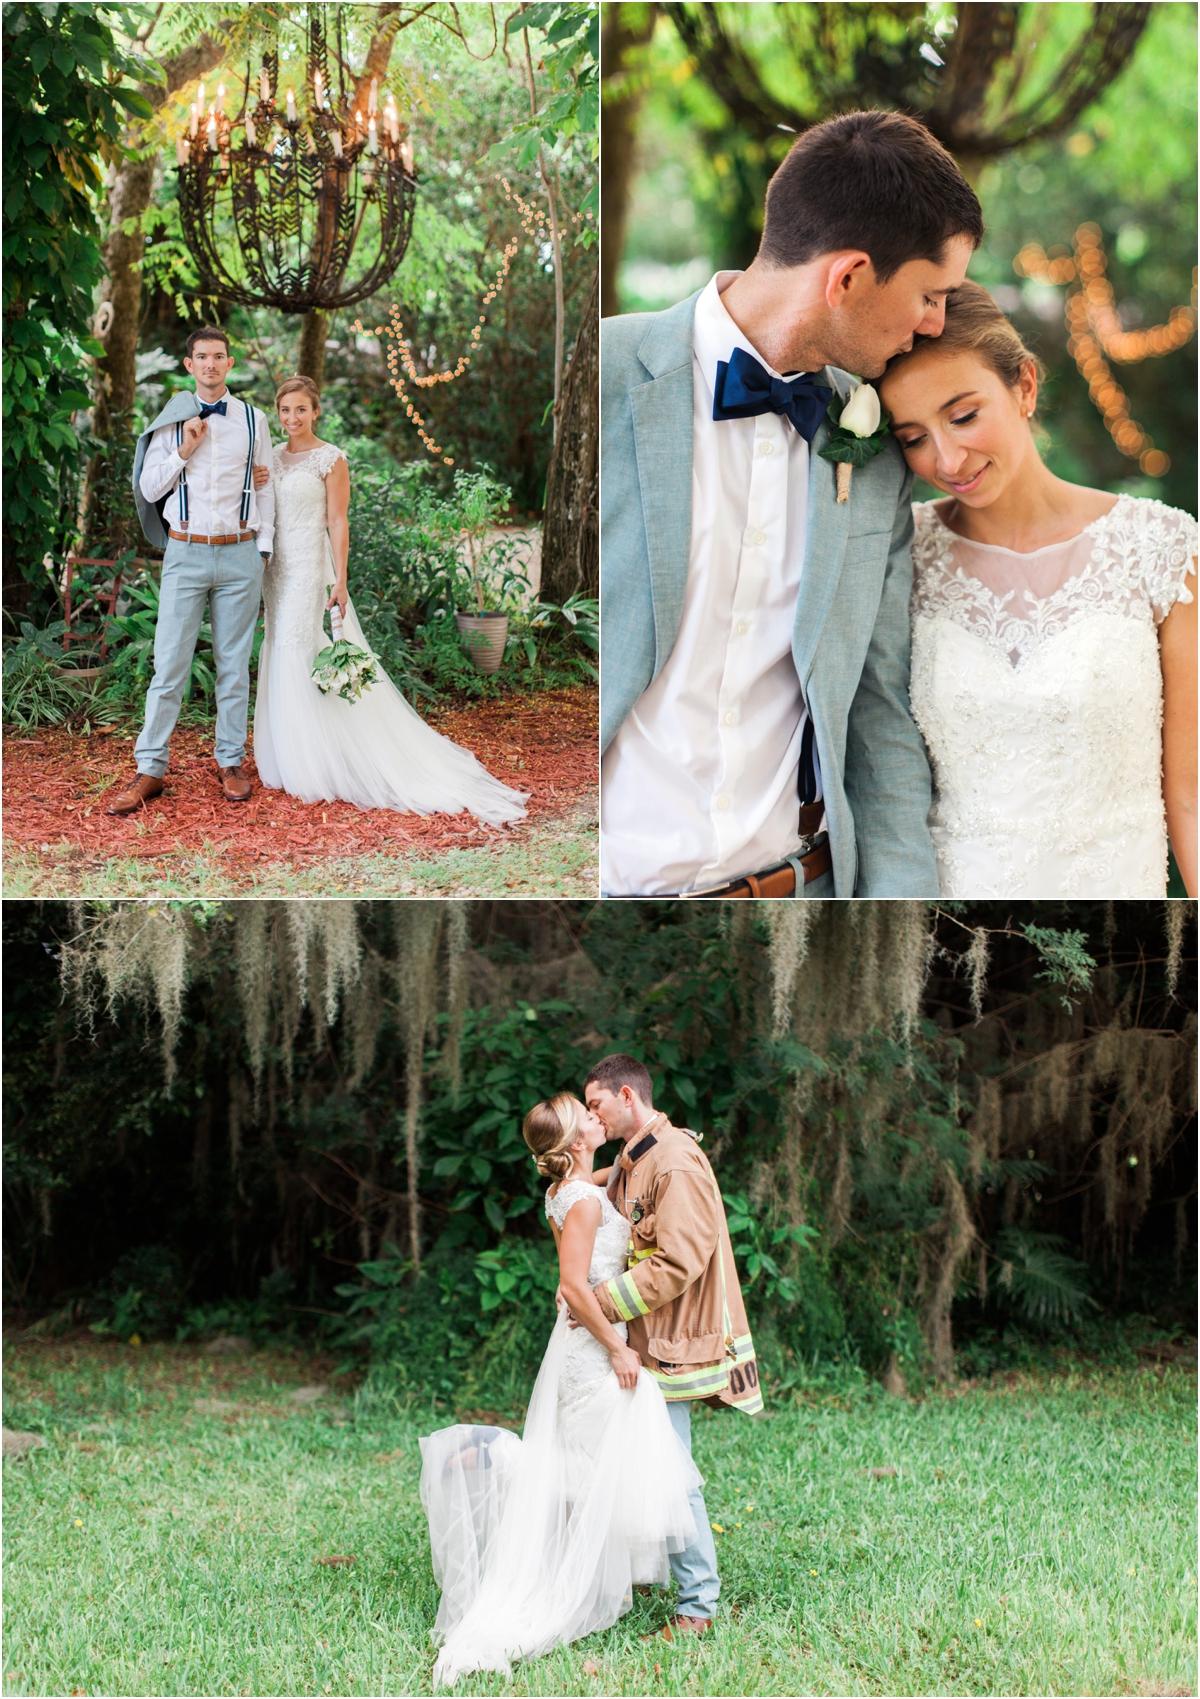 Waldos-Secret-Garden-Wedding-Photos-Vero_0020